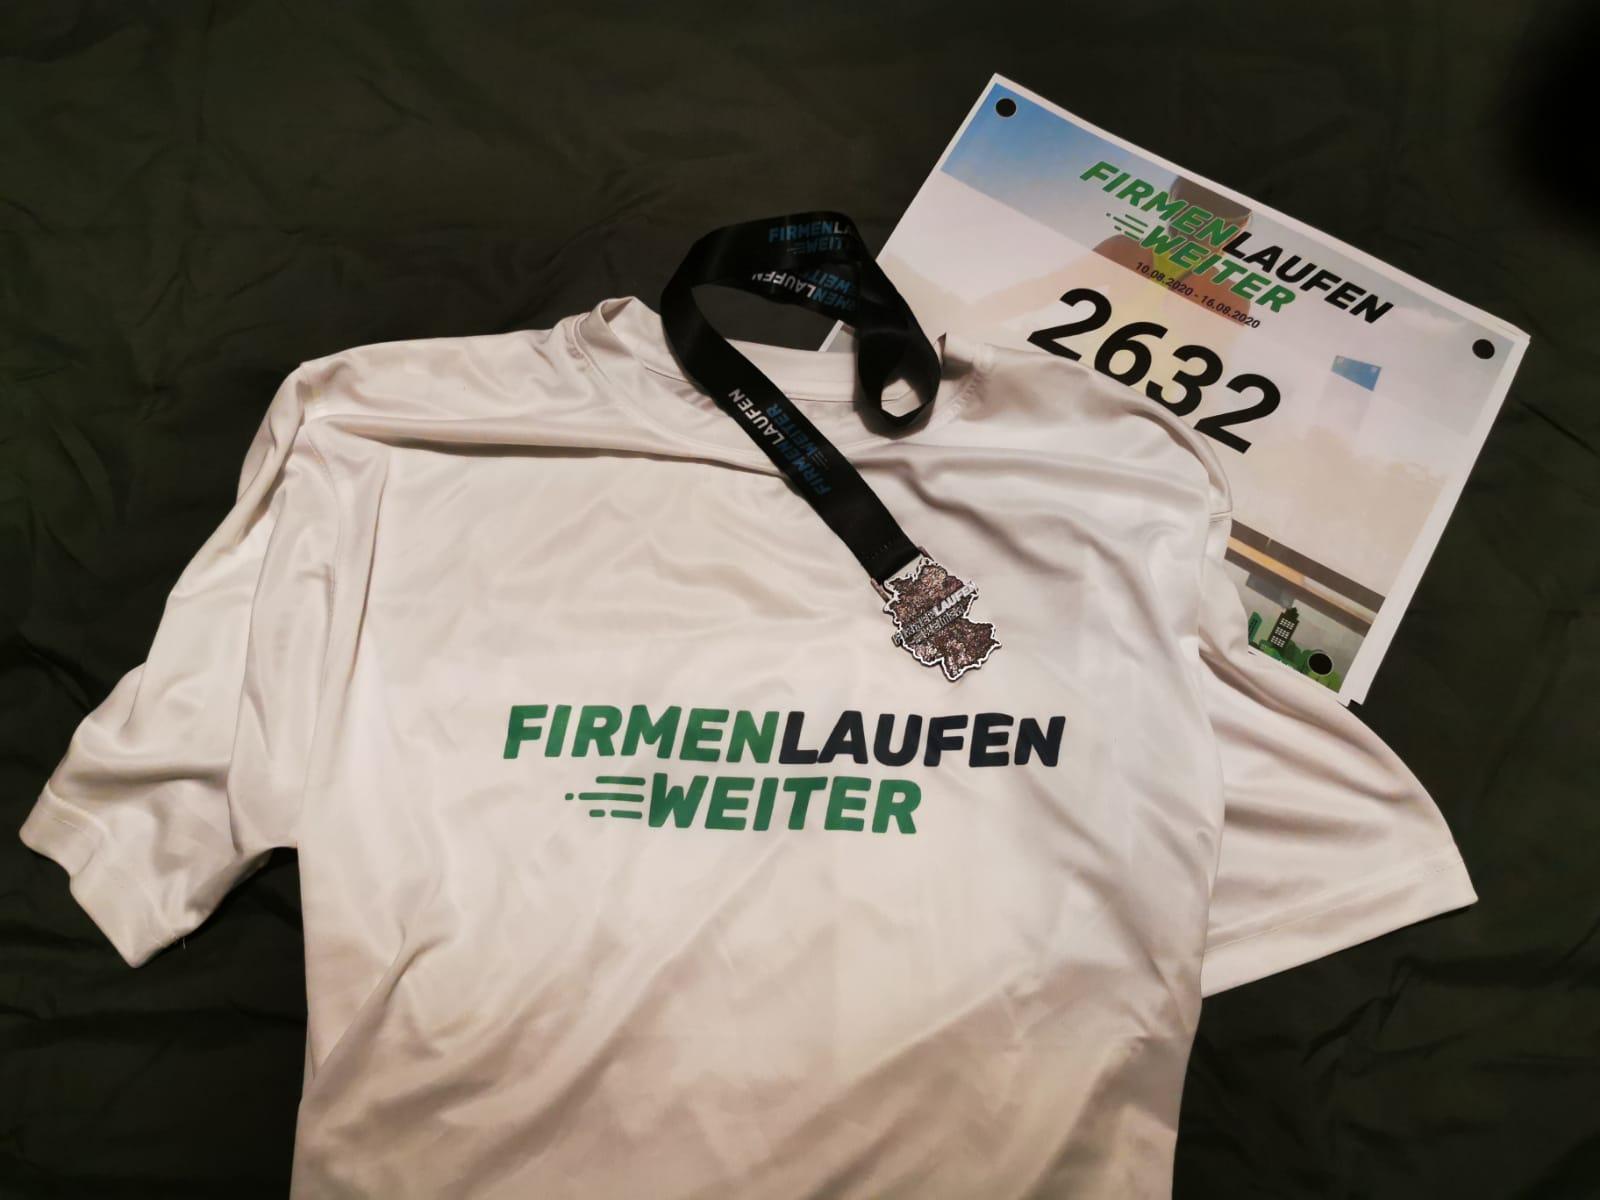 Firmen laufen weiter - wir laufen weiter - Wohnheim-Team starte erfolgreich für unsere Lebenshilfe im Nürnberger Land